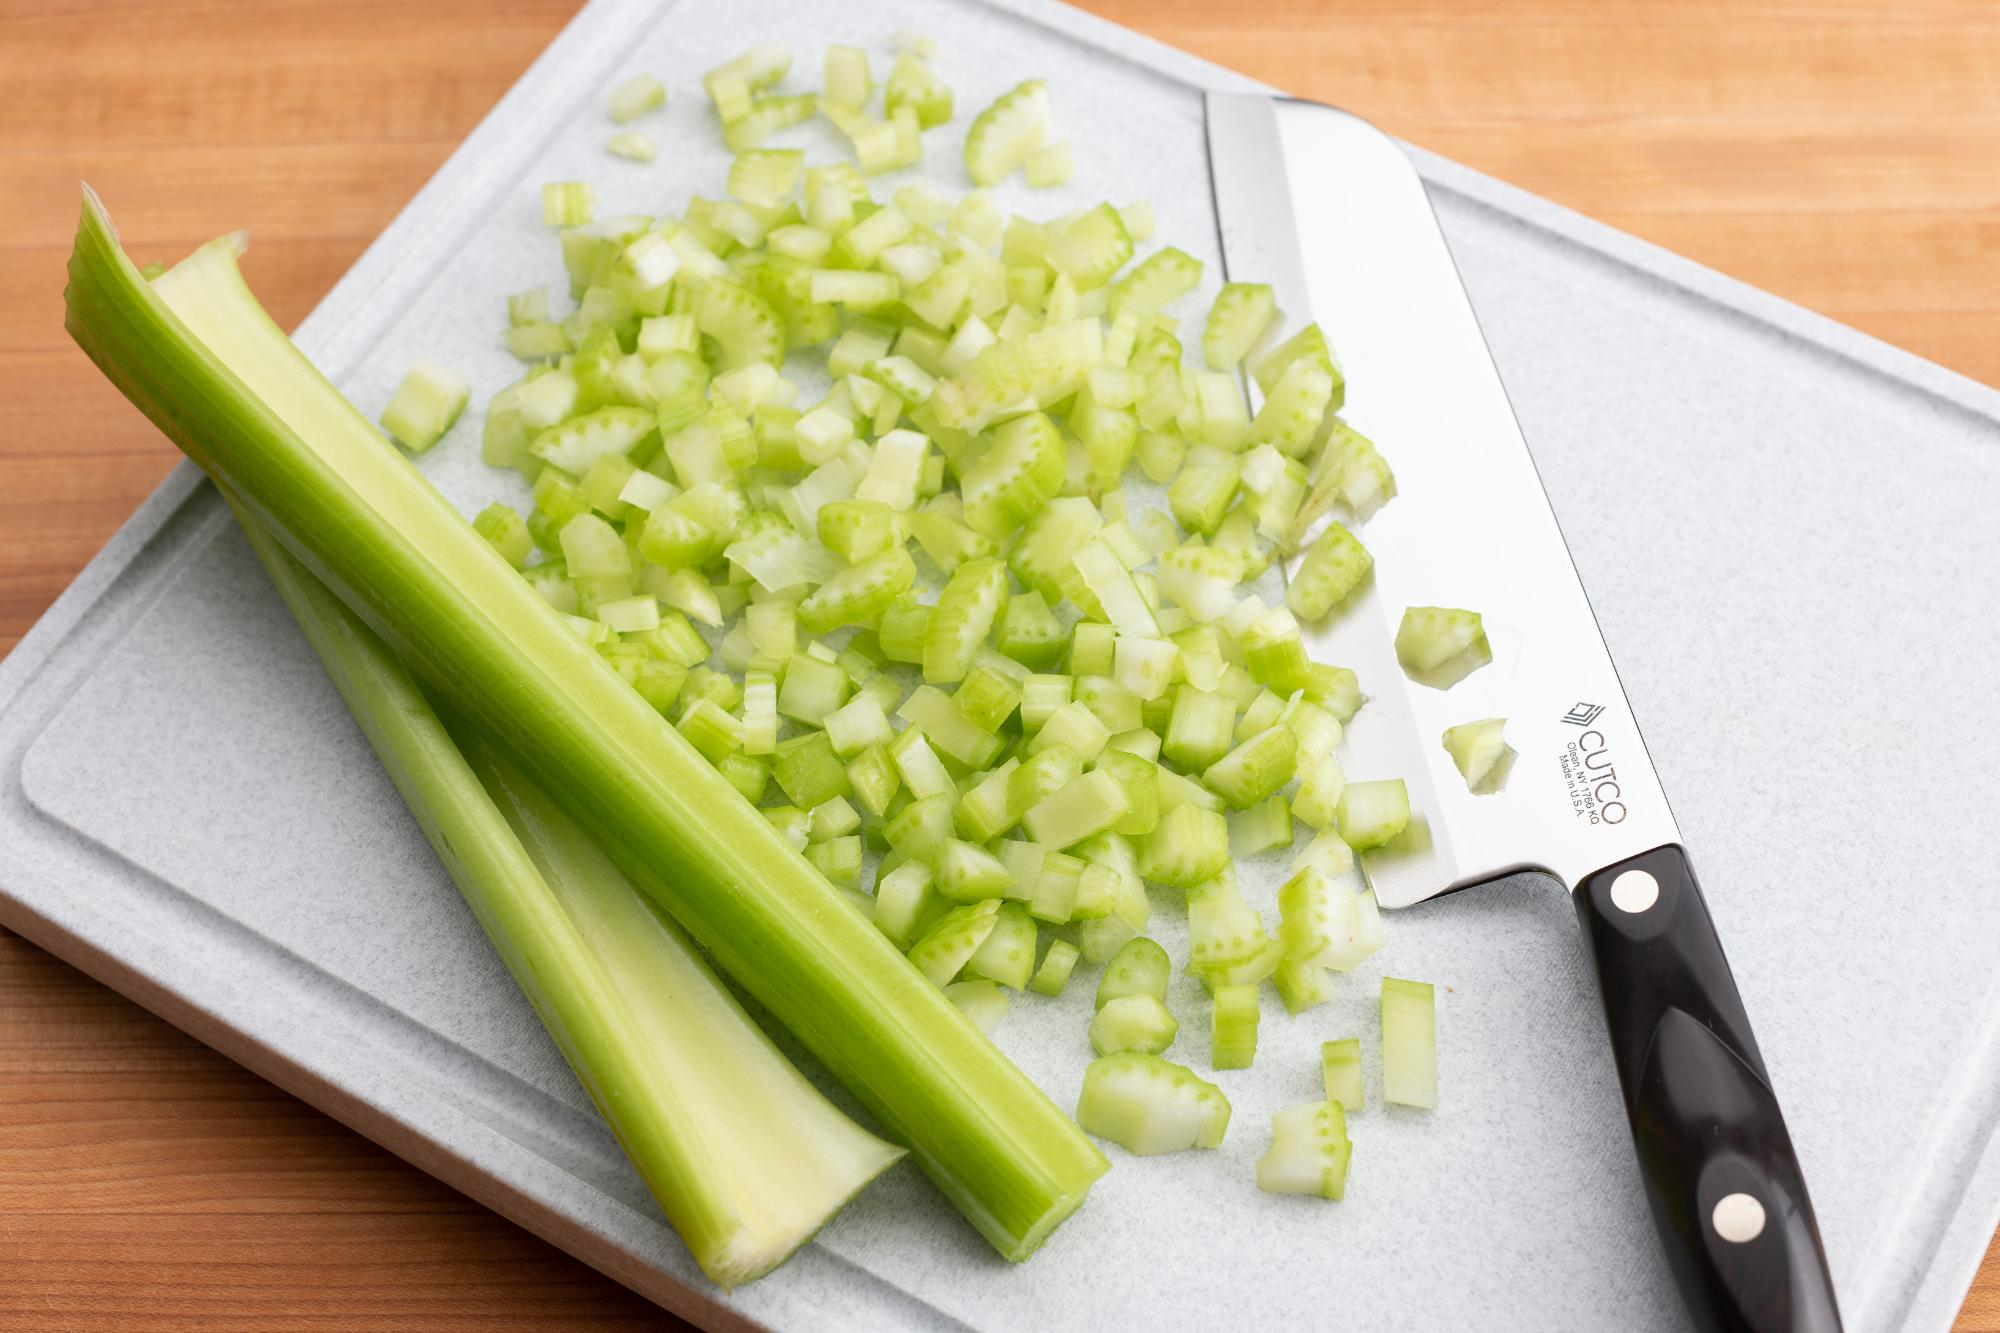 Santoku used to dice celery.